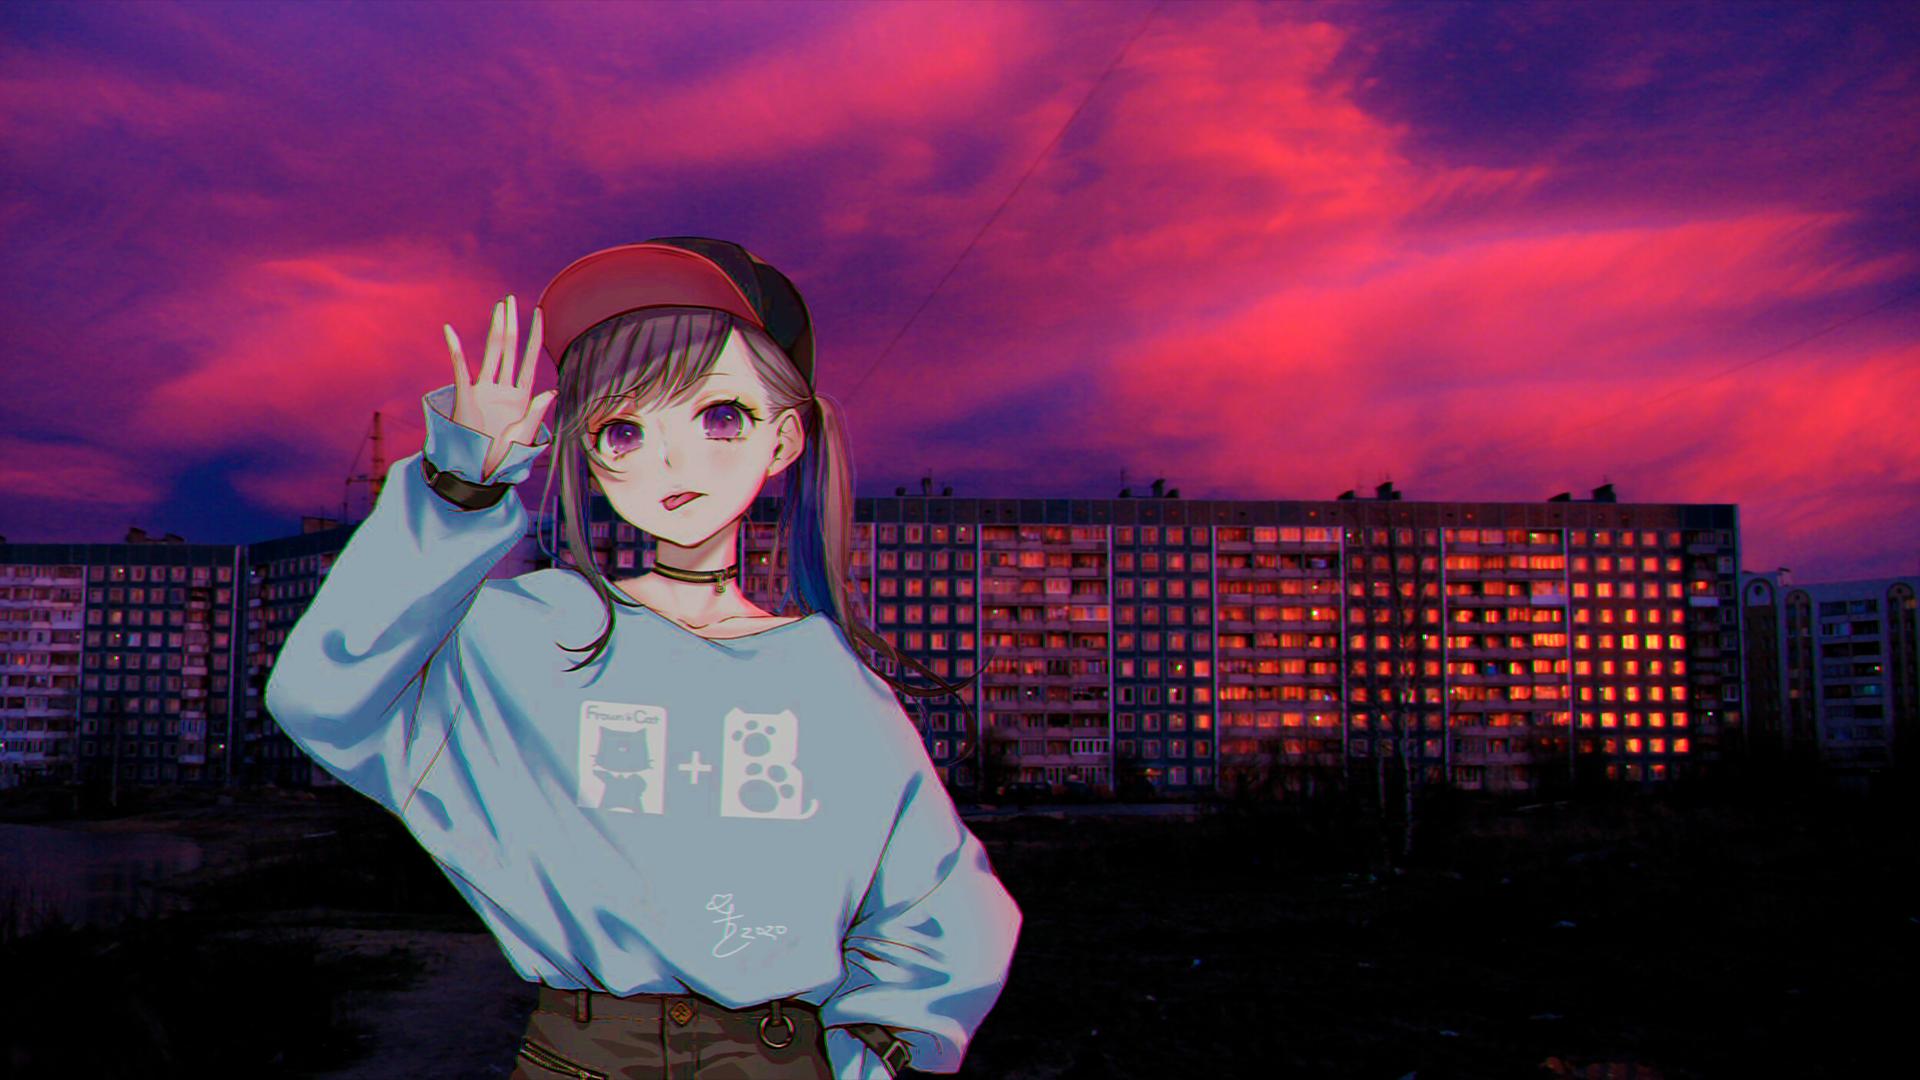 デスクトップ壁紙 アニメの女の子 紫色の背景 日没 歩道 ロシア Young Woman 19x1080 Kado95 デスクトップ壁紙 Wallhere